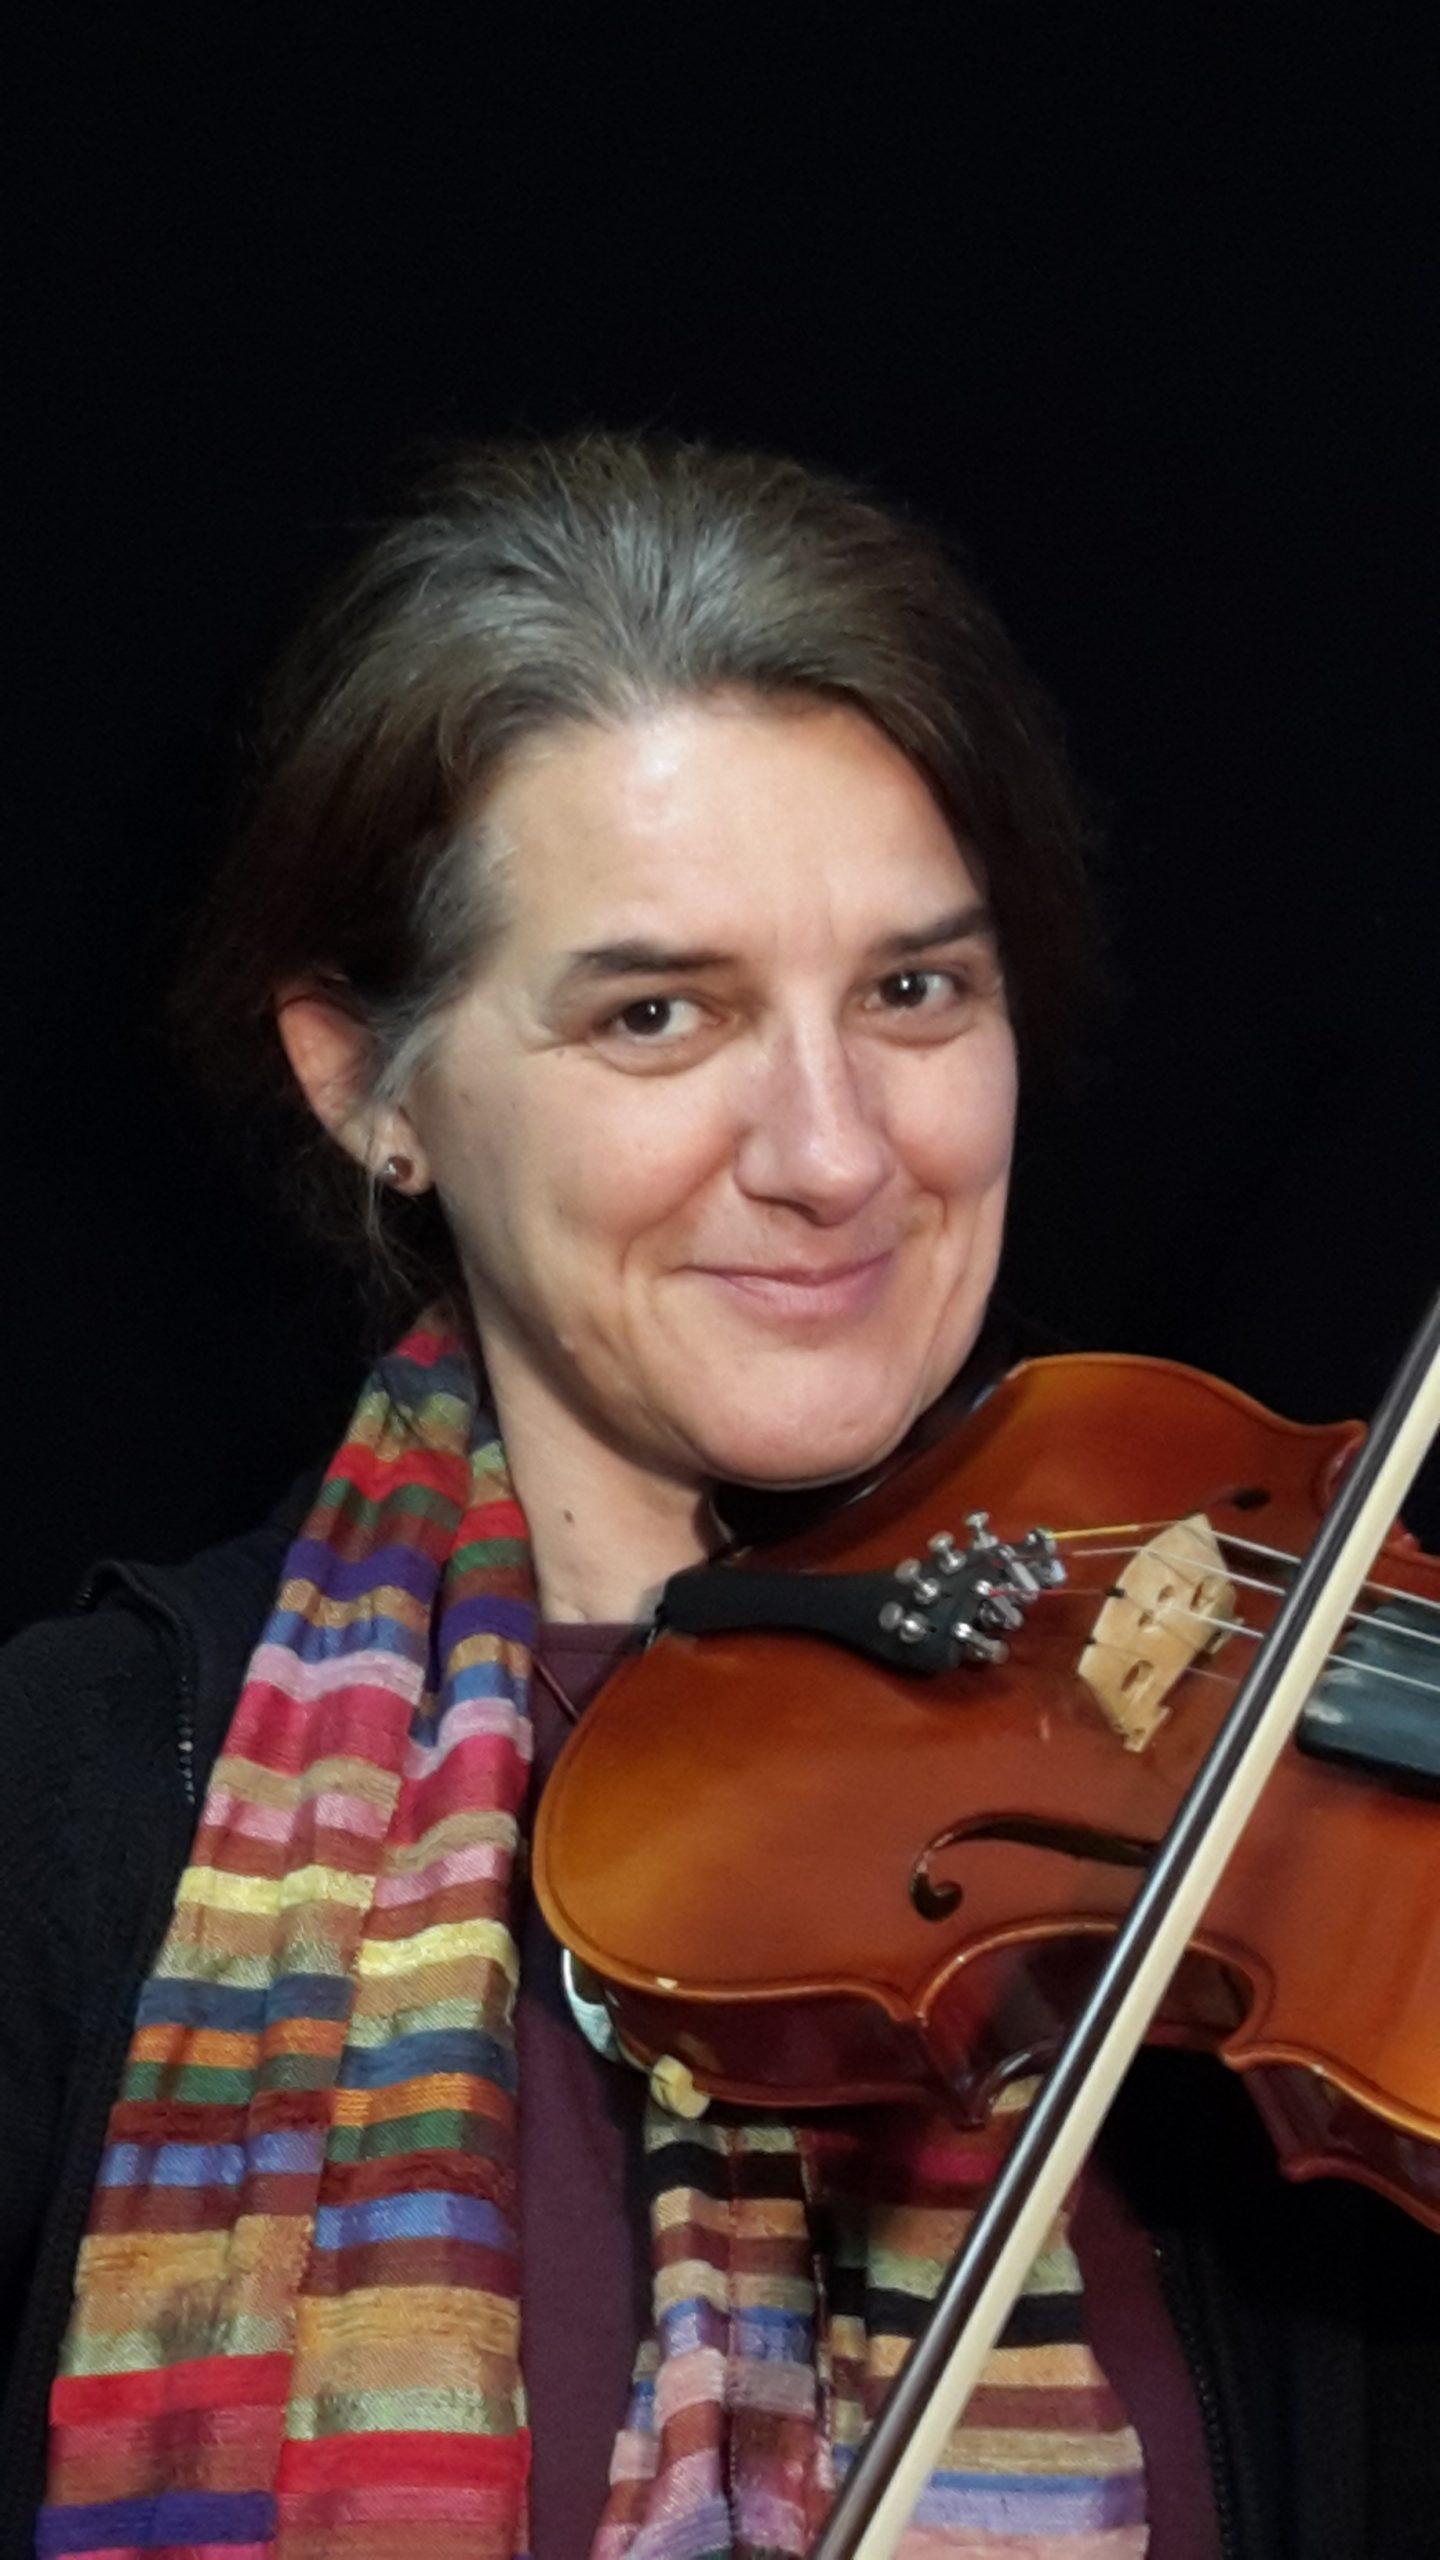 Chantal Roussel, interview. Portrait de la fondatrice de l'association